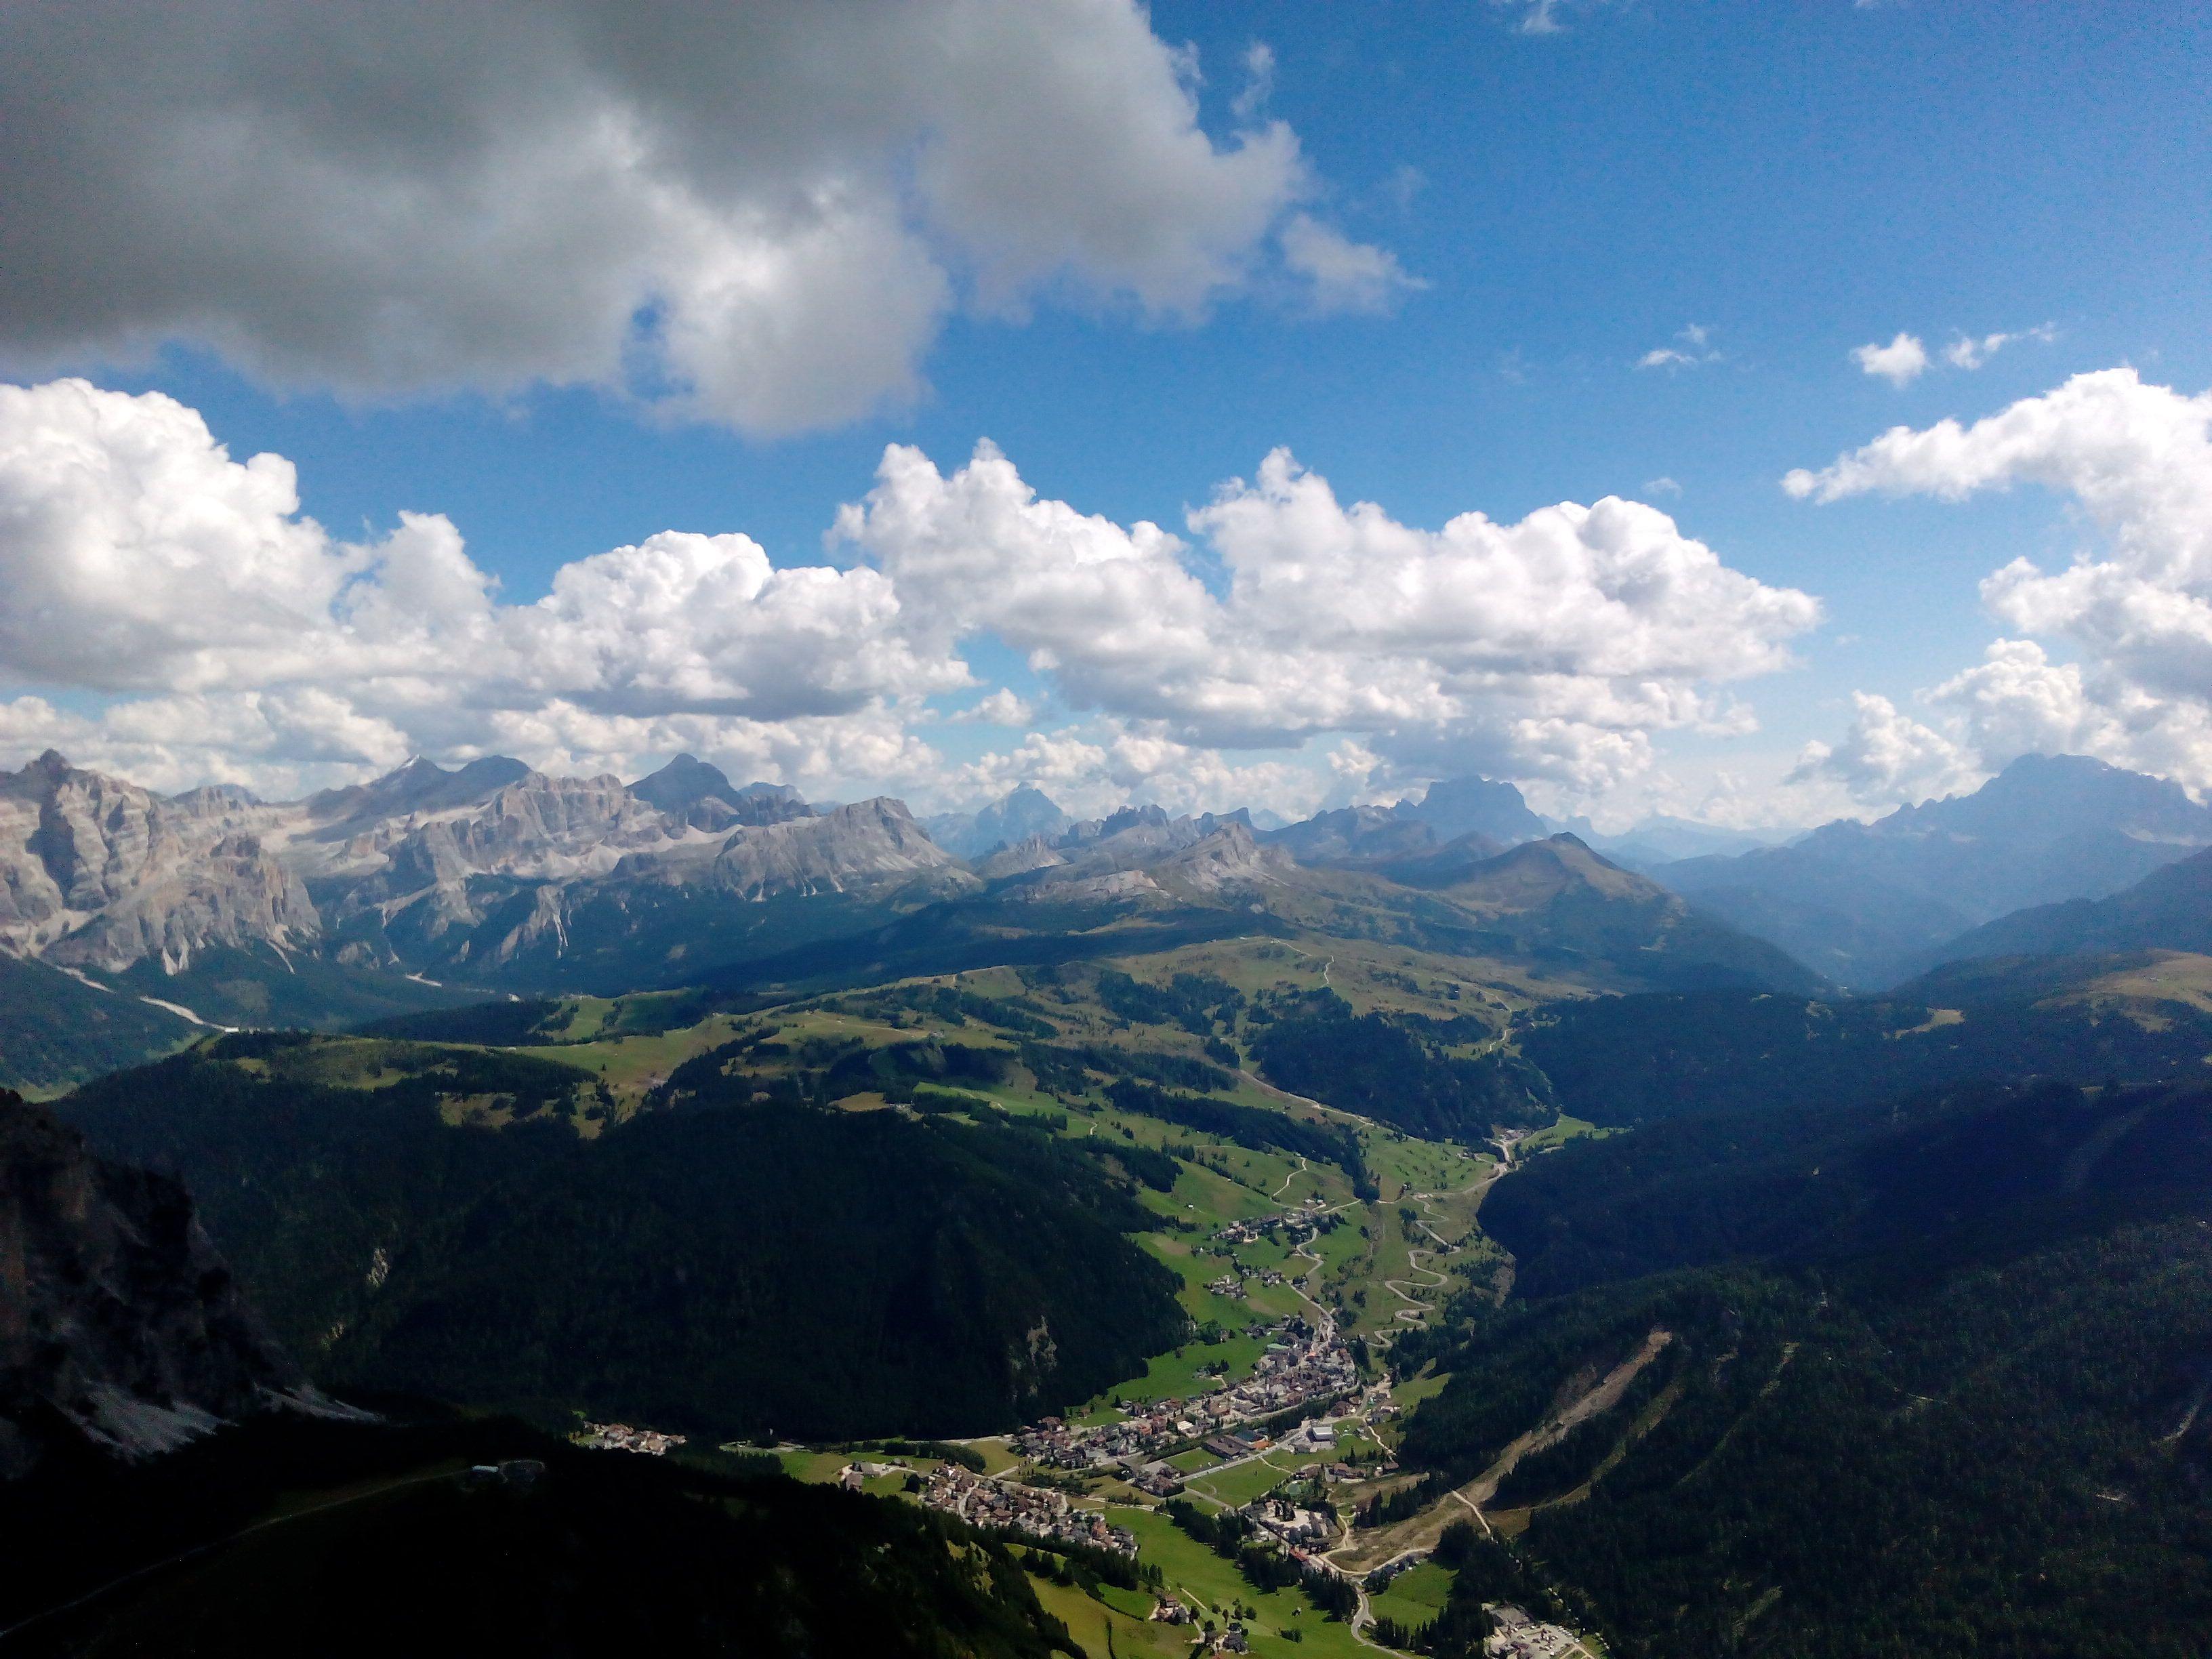 Pohled z hory Sass Ciampac do údolí Passo Gardena/Grödnerjoch, 2672 m. n. m.